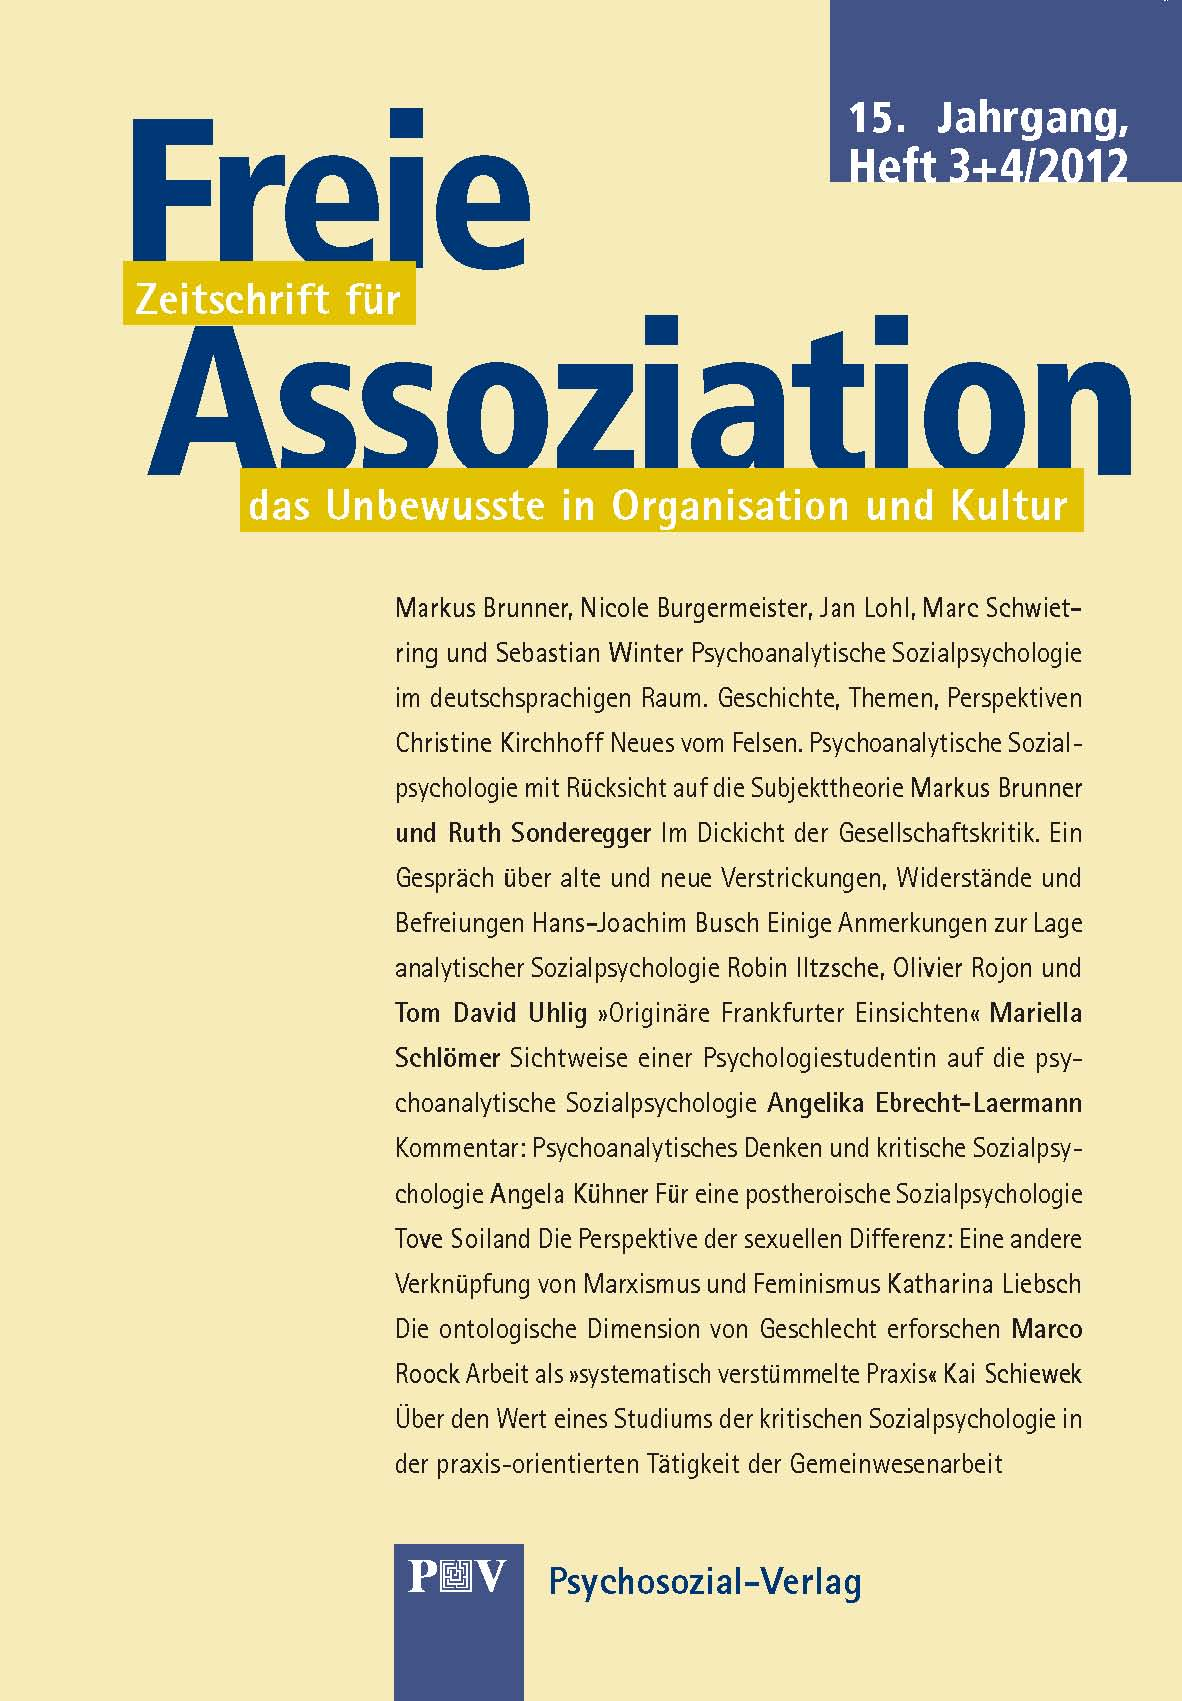 Zur Geschichte Psychoanalytischer Sozialpsychologie  U2013 Arbeitsgemeinschaft Politische Psychologie